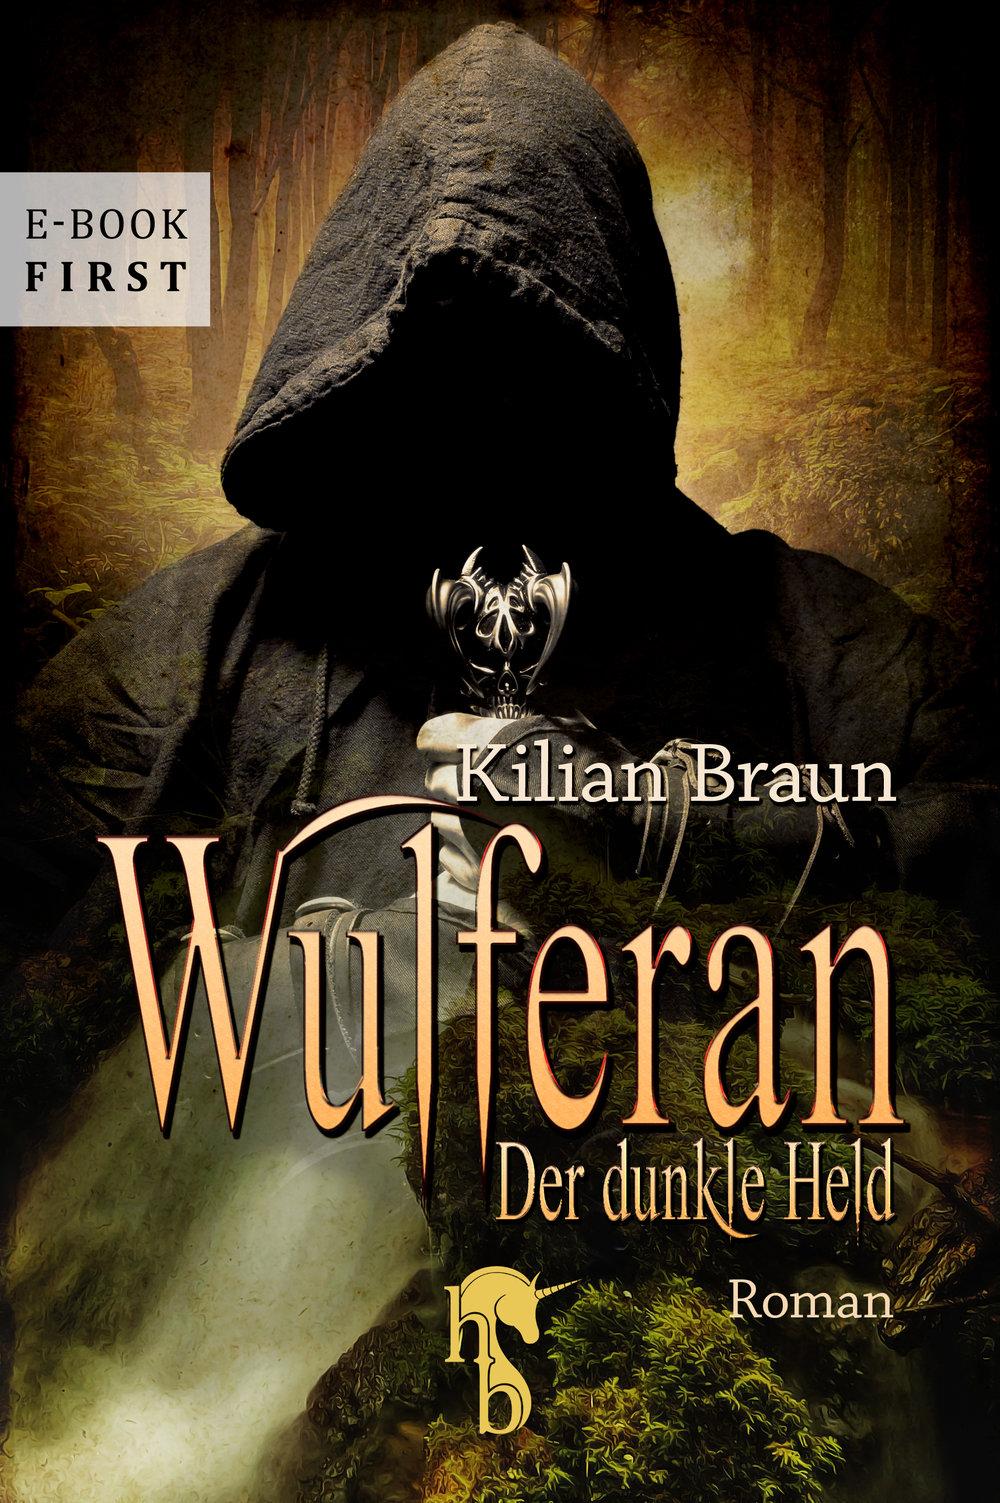 Braun_Kilian_Der_dunkle_Held_phantastik-autoren-netzwerk.jpg